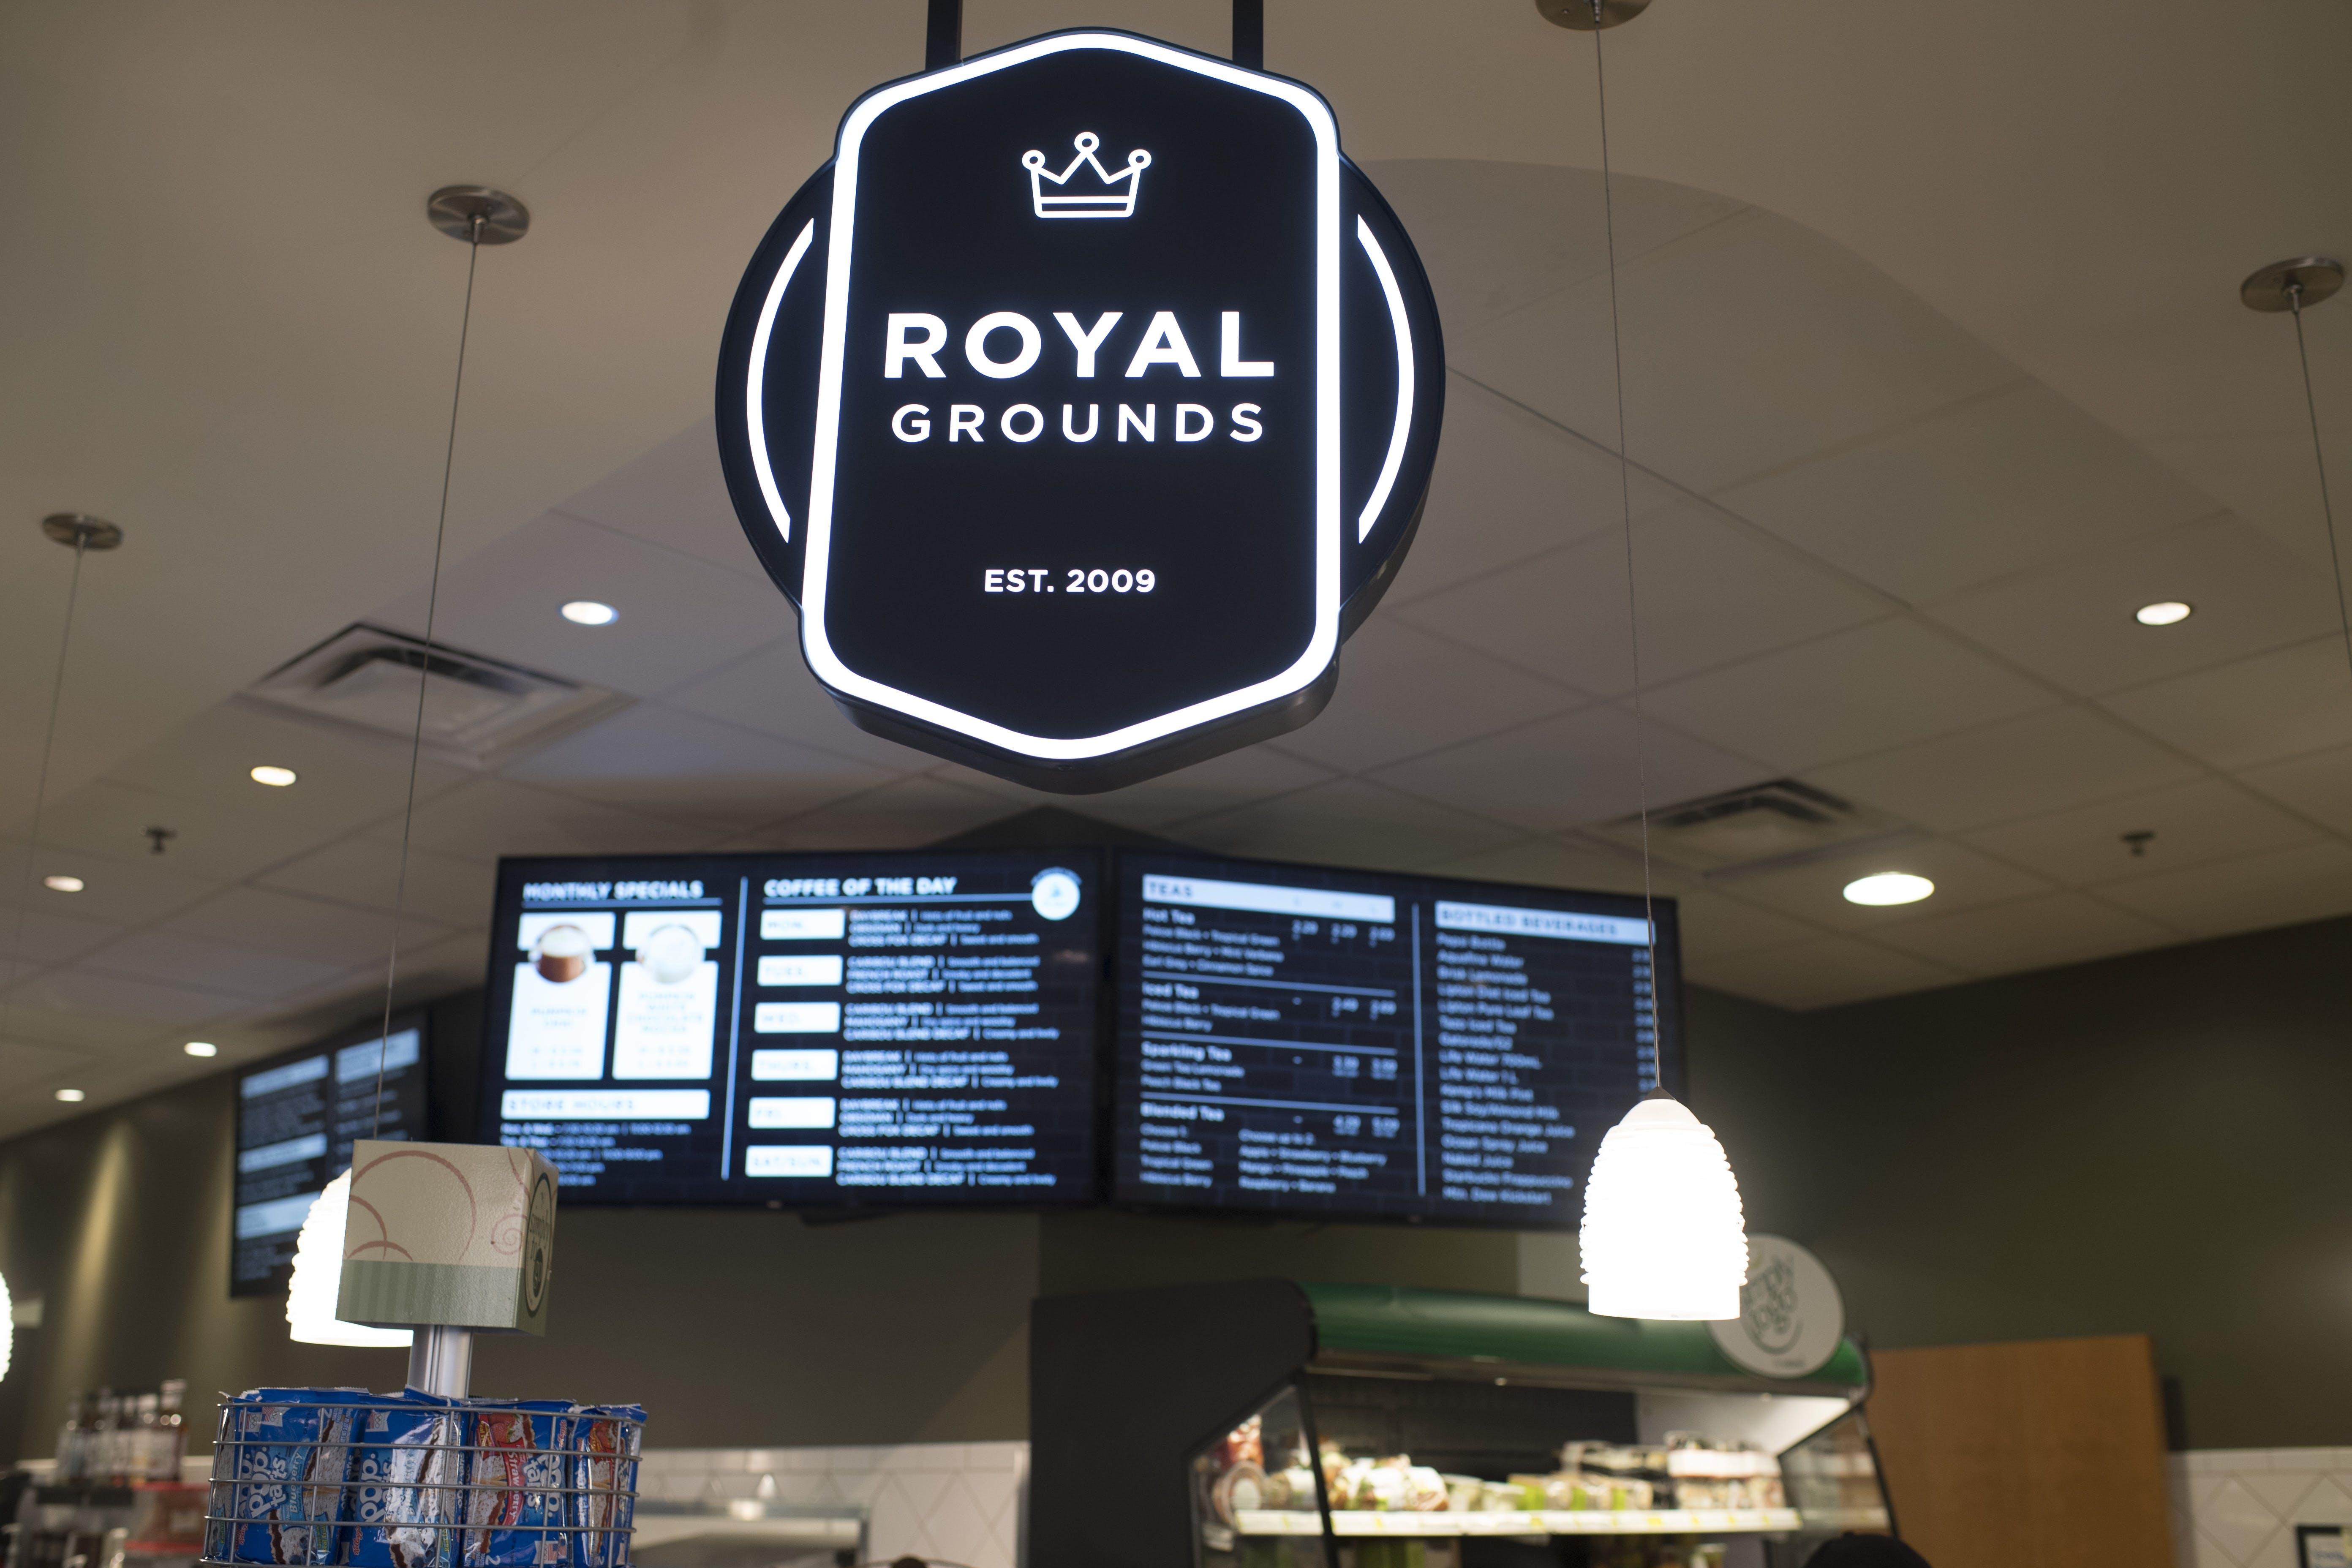 Royal Grounds